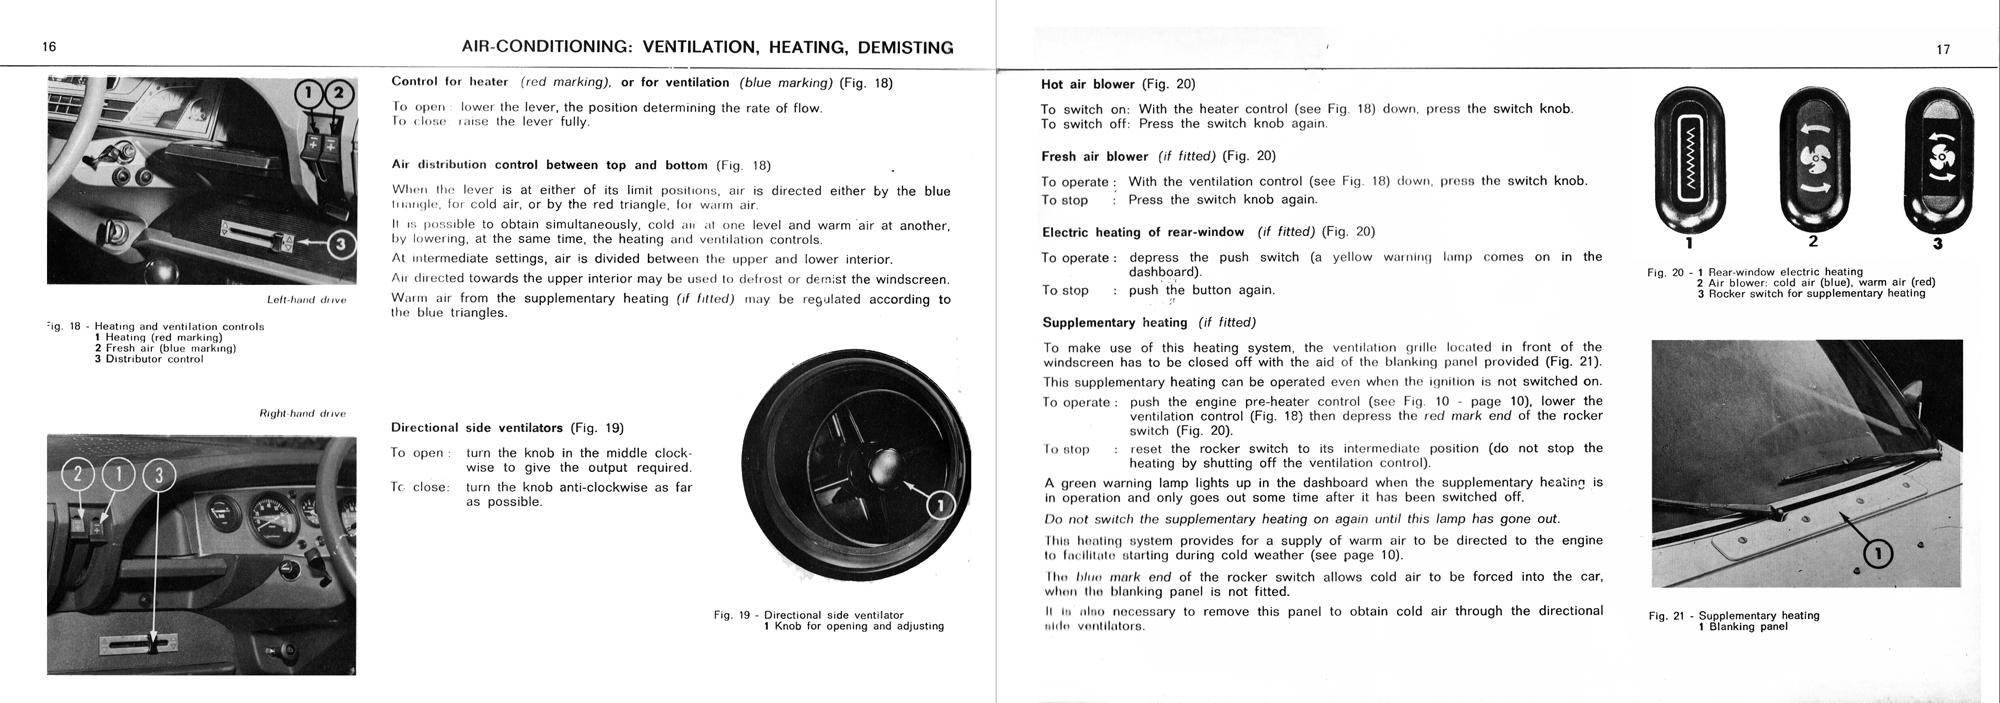 1972 Citroën GS owner's manual part 1